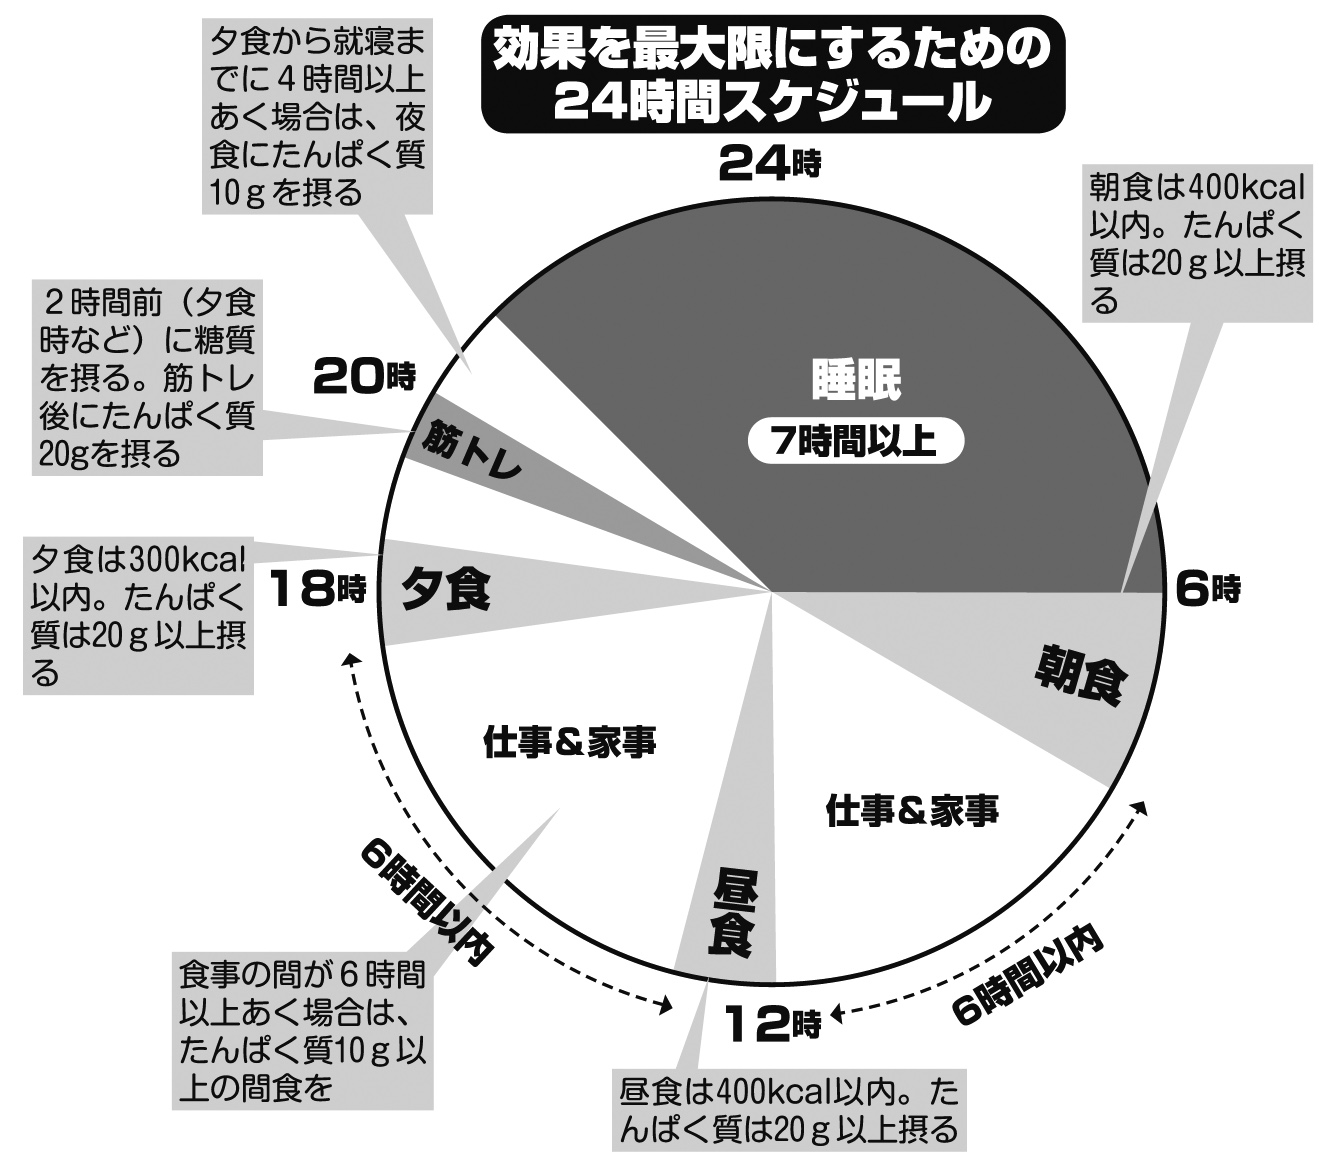 効果を最大限にするための24時間スケジュールの表